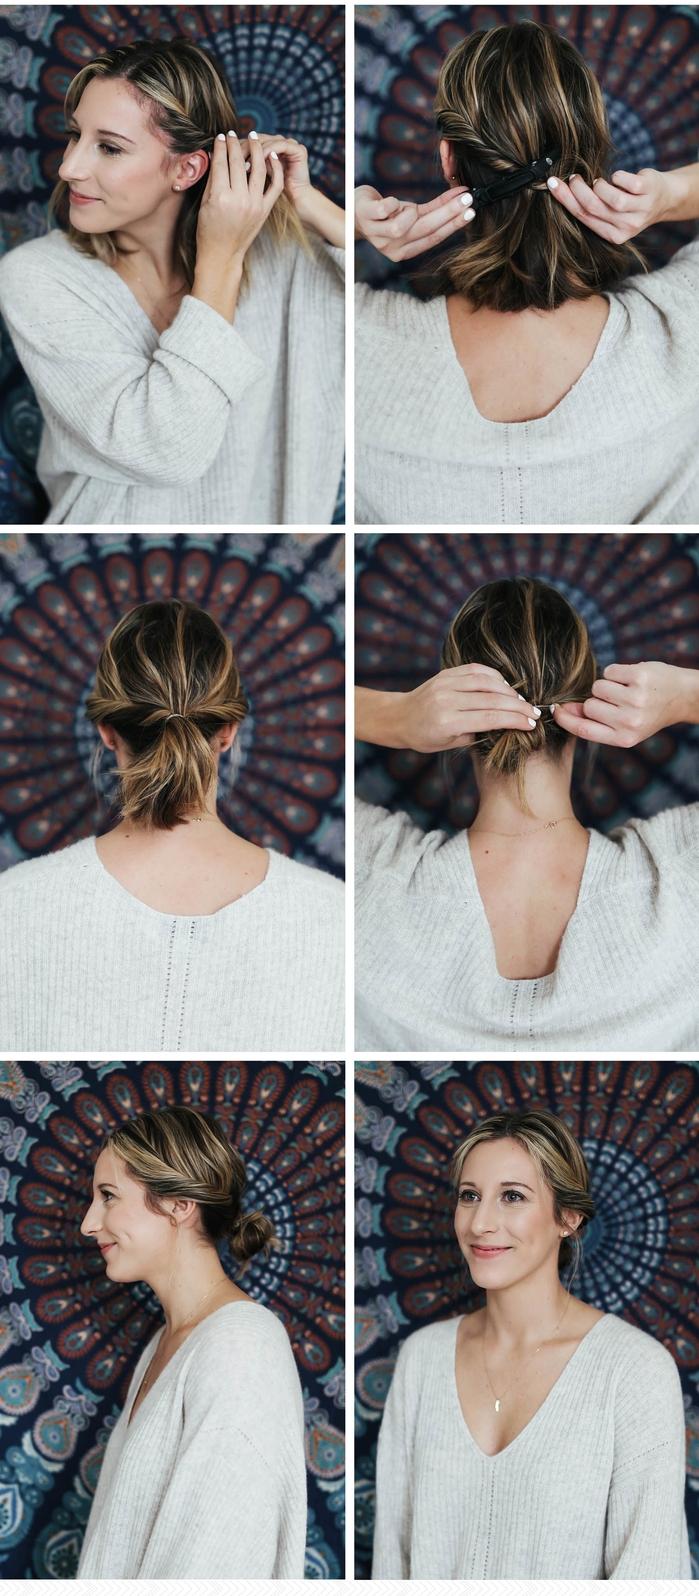 tuto coiffure cheveux courts pour réaliser un chignon bas et flou express en peu de temps